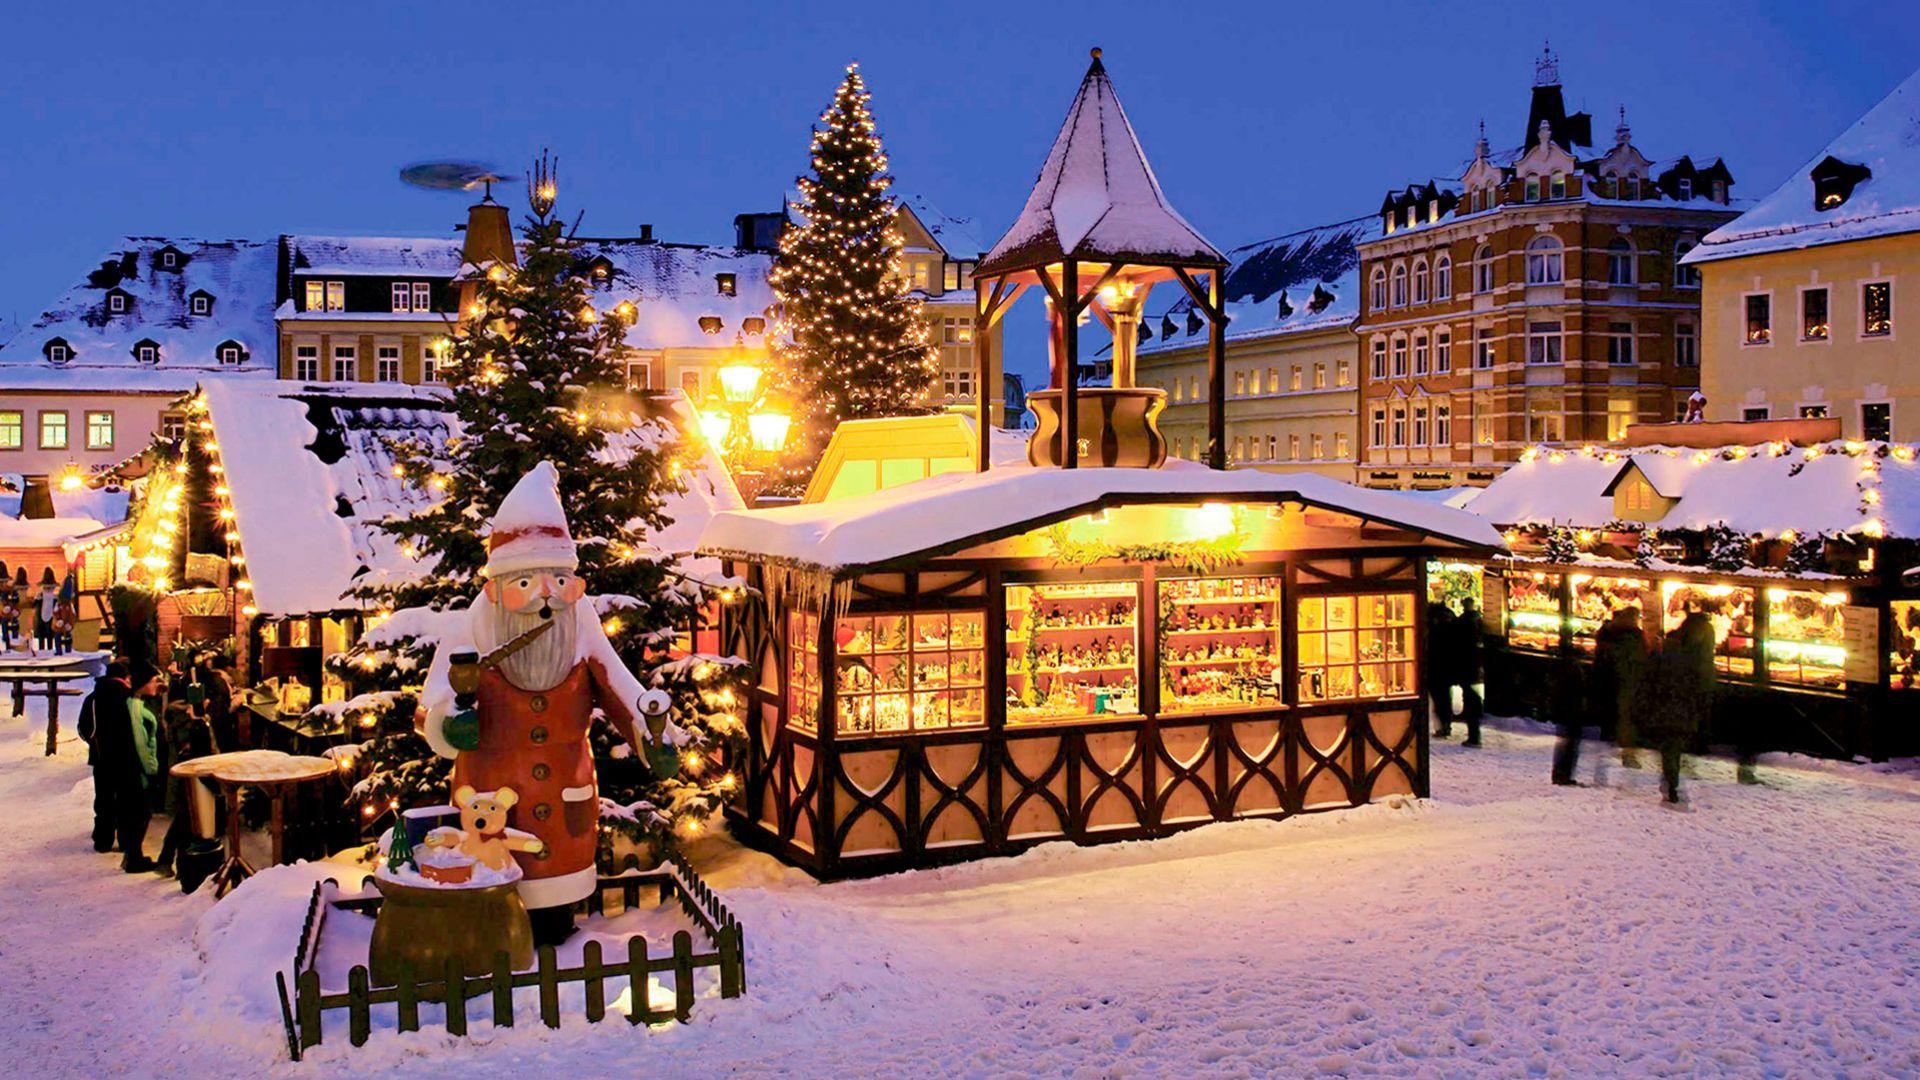 Bolzano Mercatini Di Natale.Mercatini Di Natale 2020 Bolzano Novita E Date Viaggiamo It